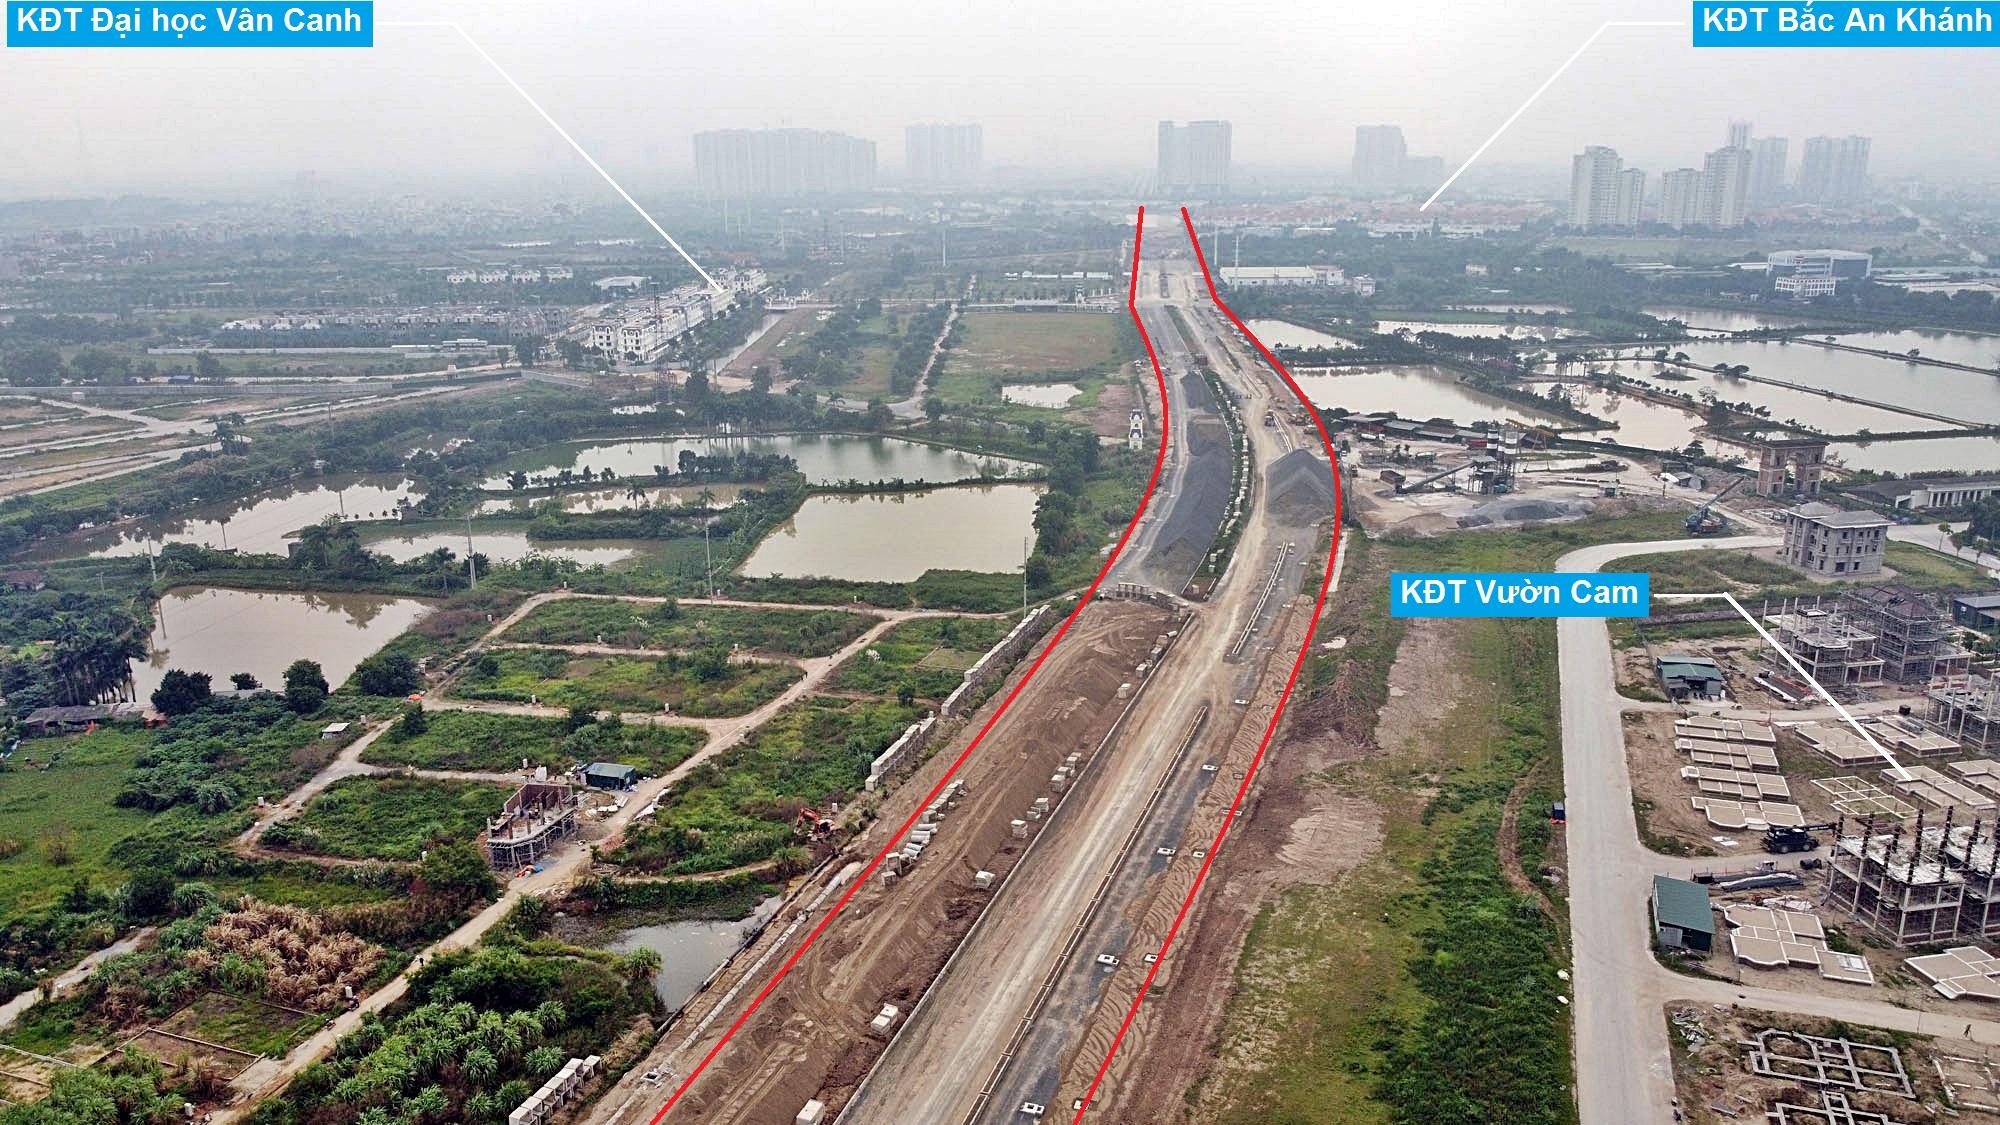 Toàn cảnh đường Vành đai 3,5 đang thi công qua huyện Hoài Đức, Hà Nội - Ảnh 7.